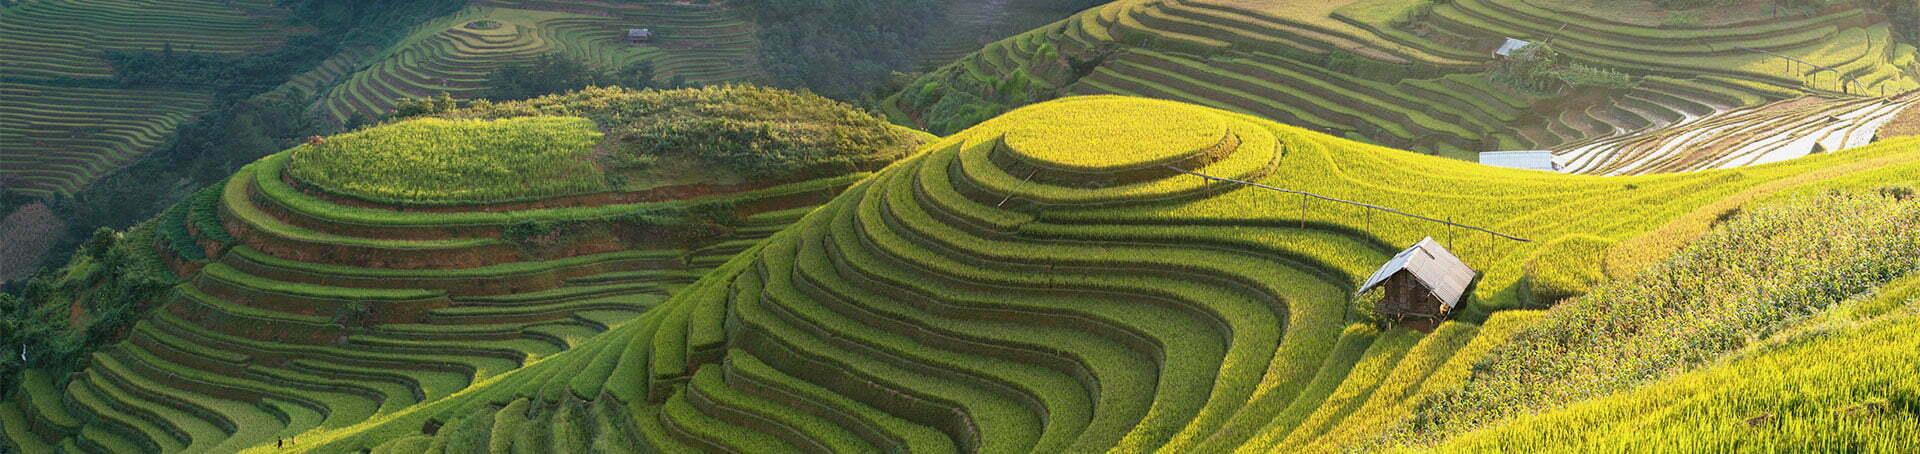 rizières en terrasse de Sapa, Vietnam